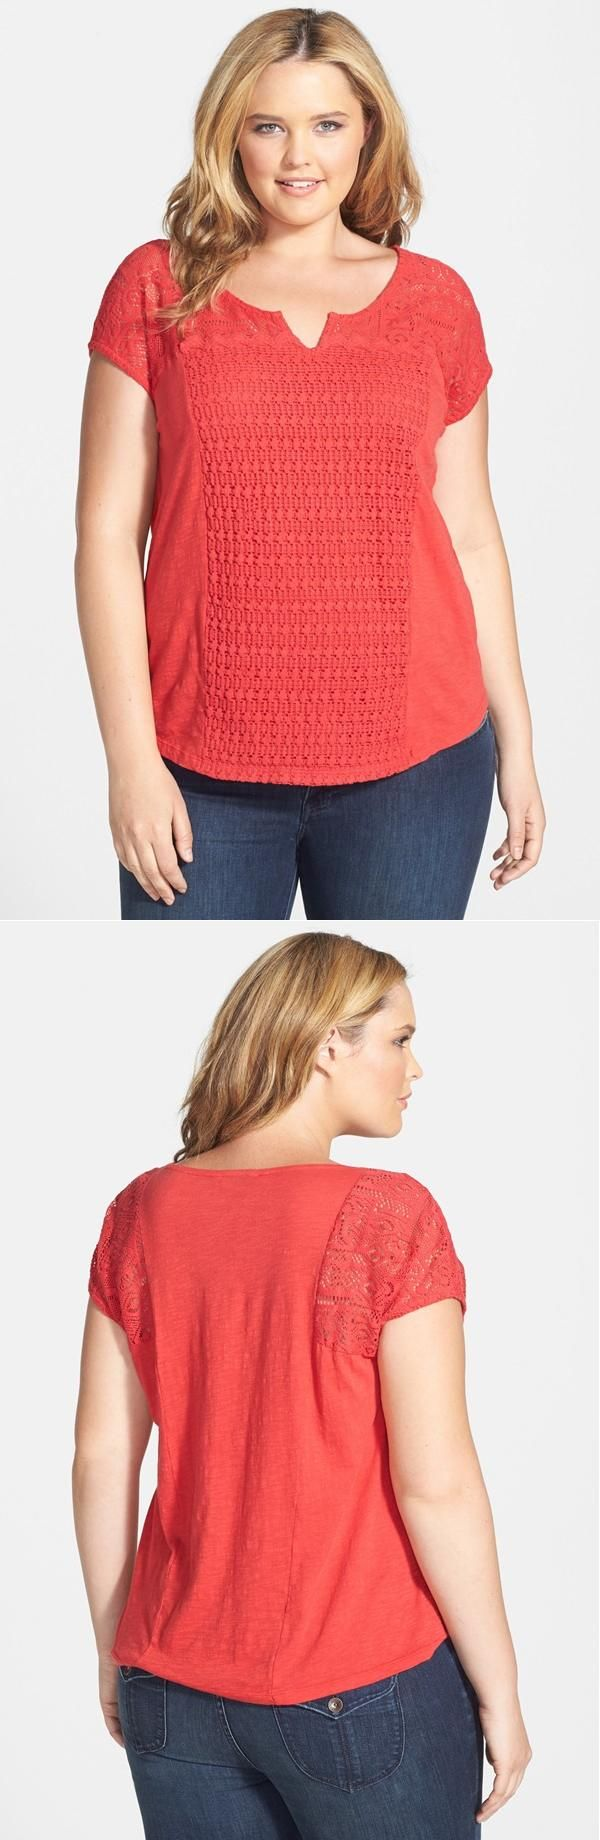 Lace Patchwork Top (Plus Size)